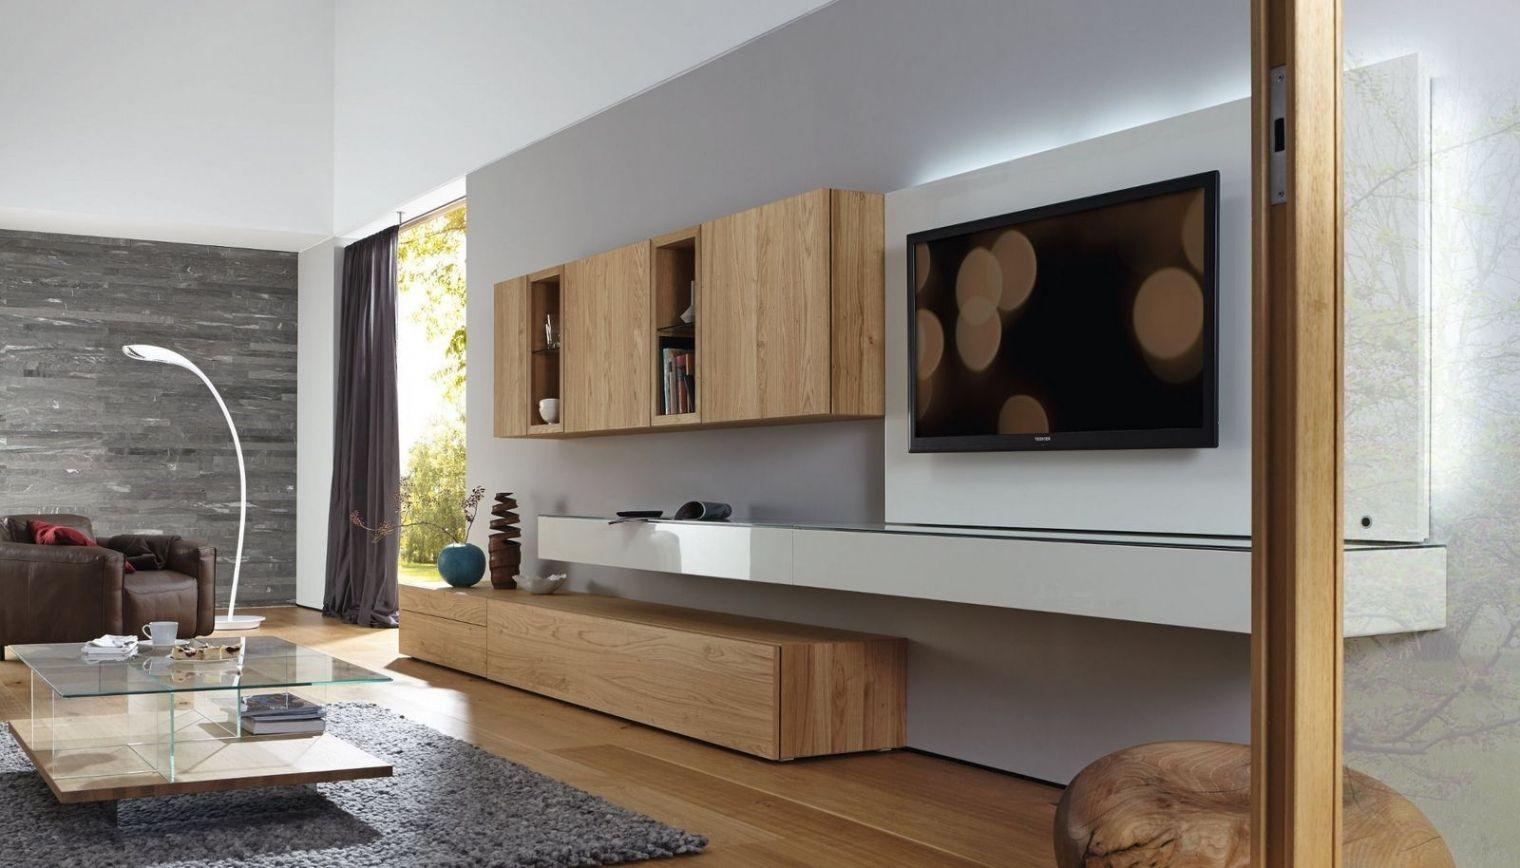 Wohnwand modern hülsta  Stilvoll Wohnwand Modern Hülsta | Wohnzimmermöbel | Pinterest ...